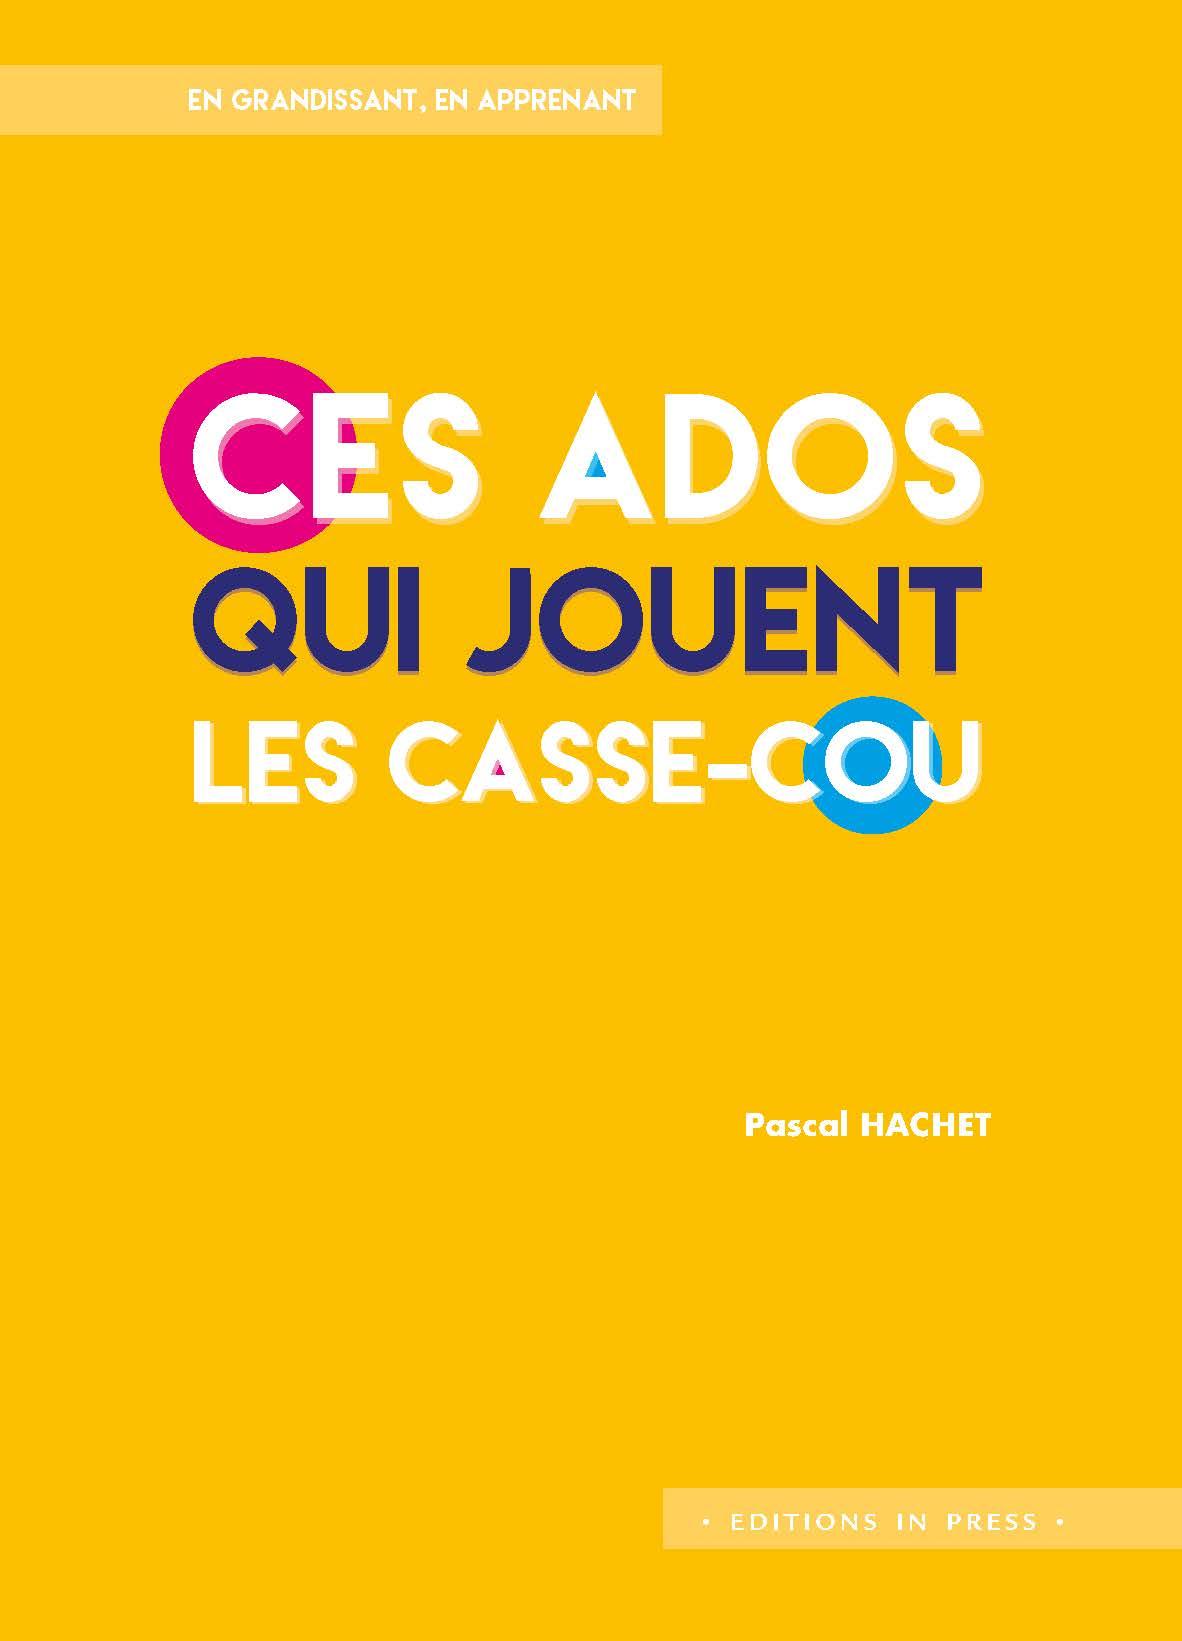 Pascal Hachet